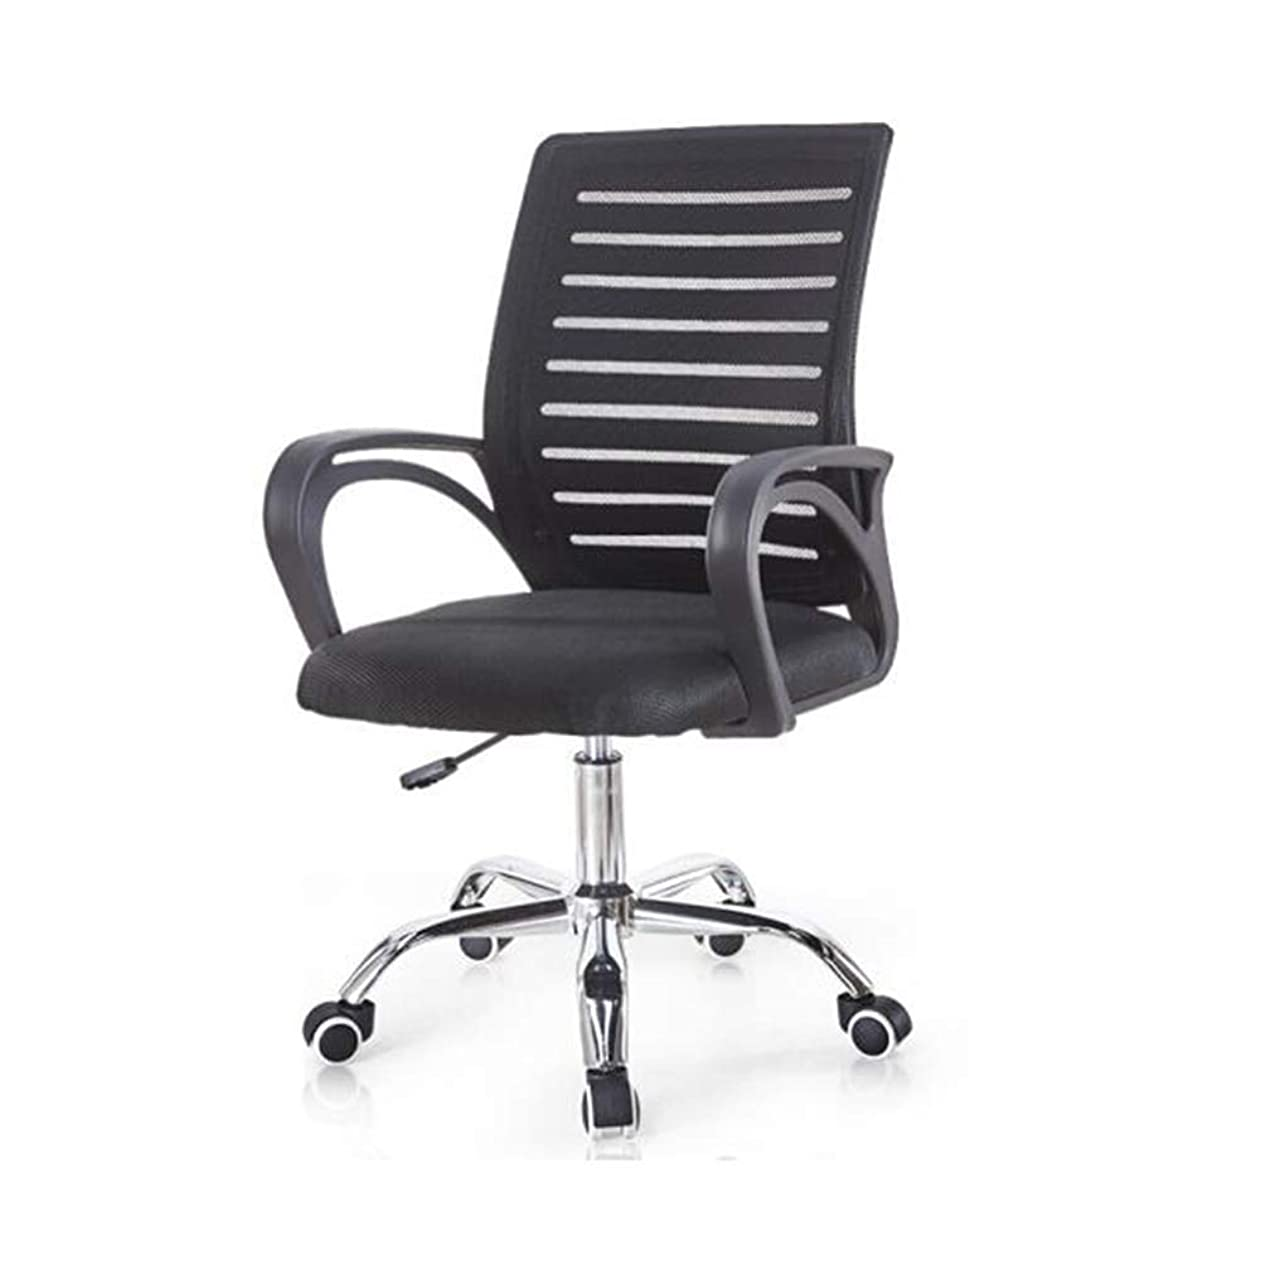 光沢やりすぎ光沢のある椅子、メッシュデスク調節可能アームレストバックサポート人間工学に基づいた回転ホームオフィスゲーミングブラック